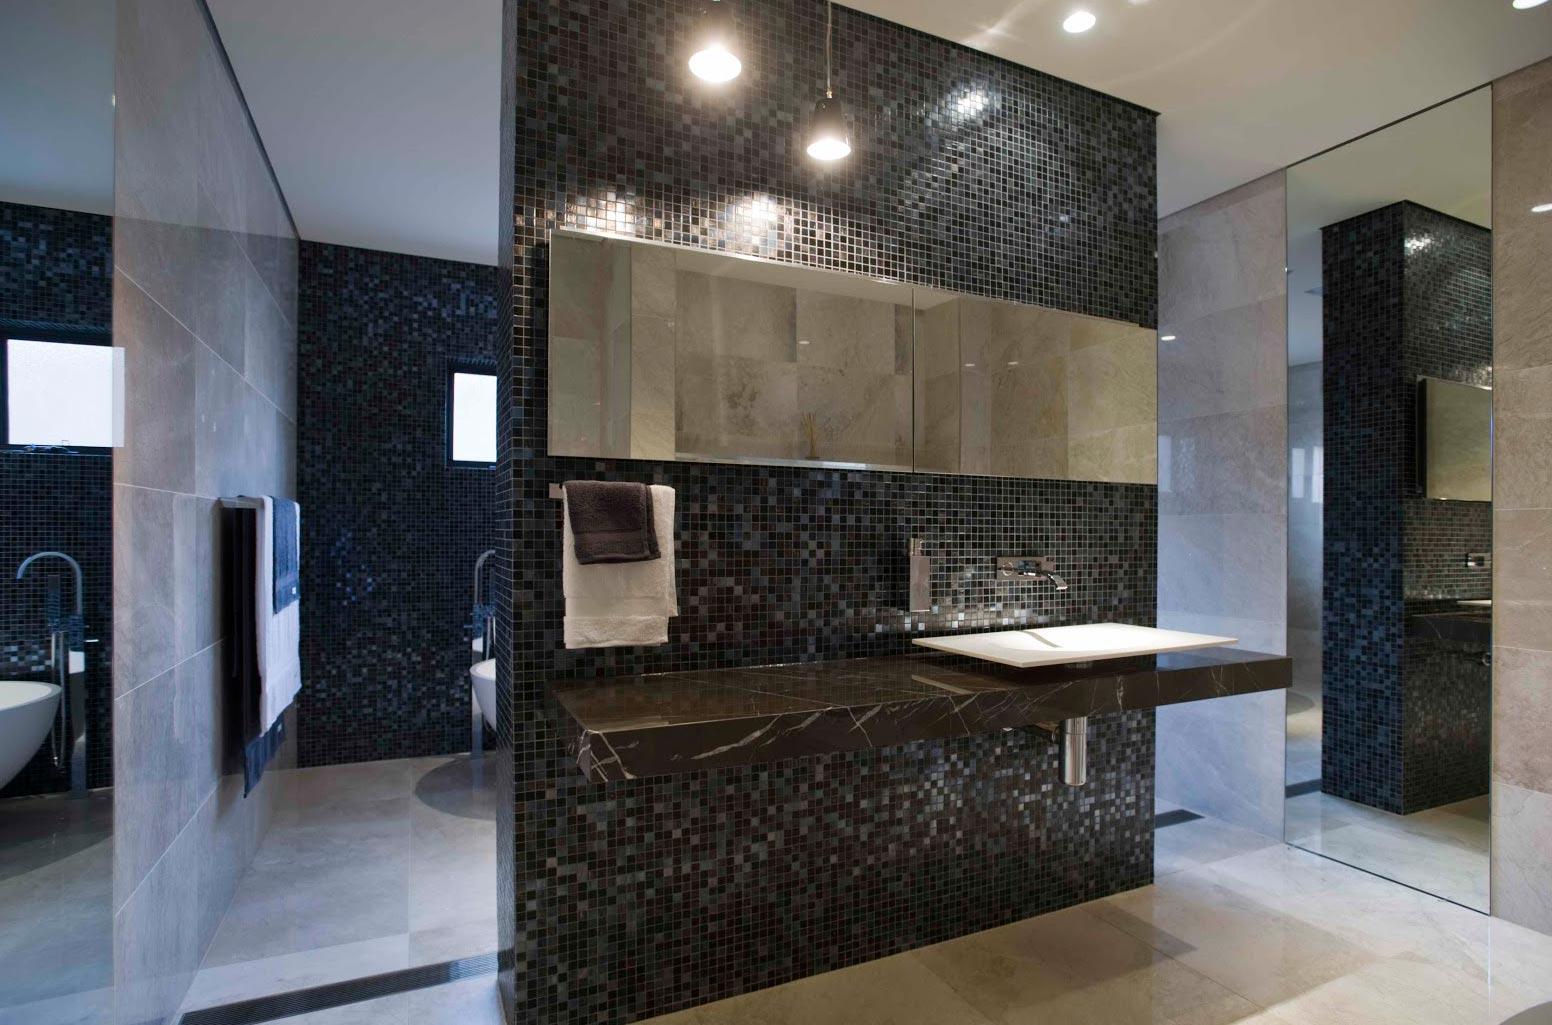 мозаика в просторной ванной